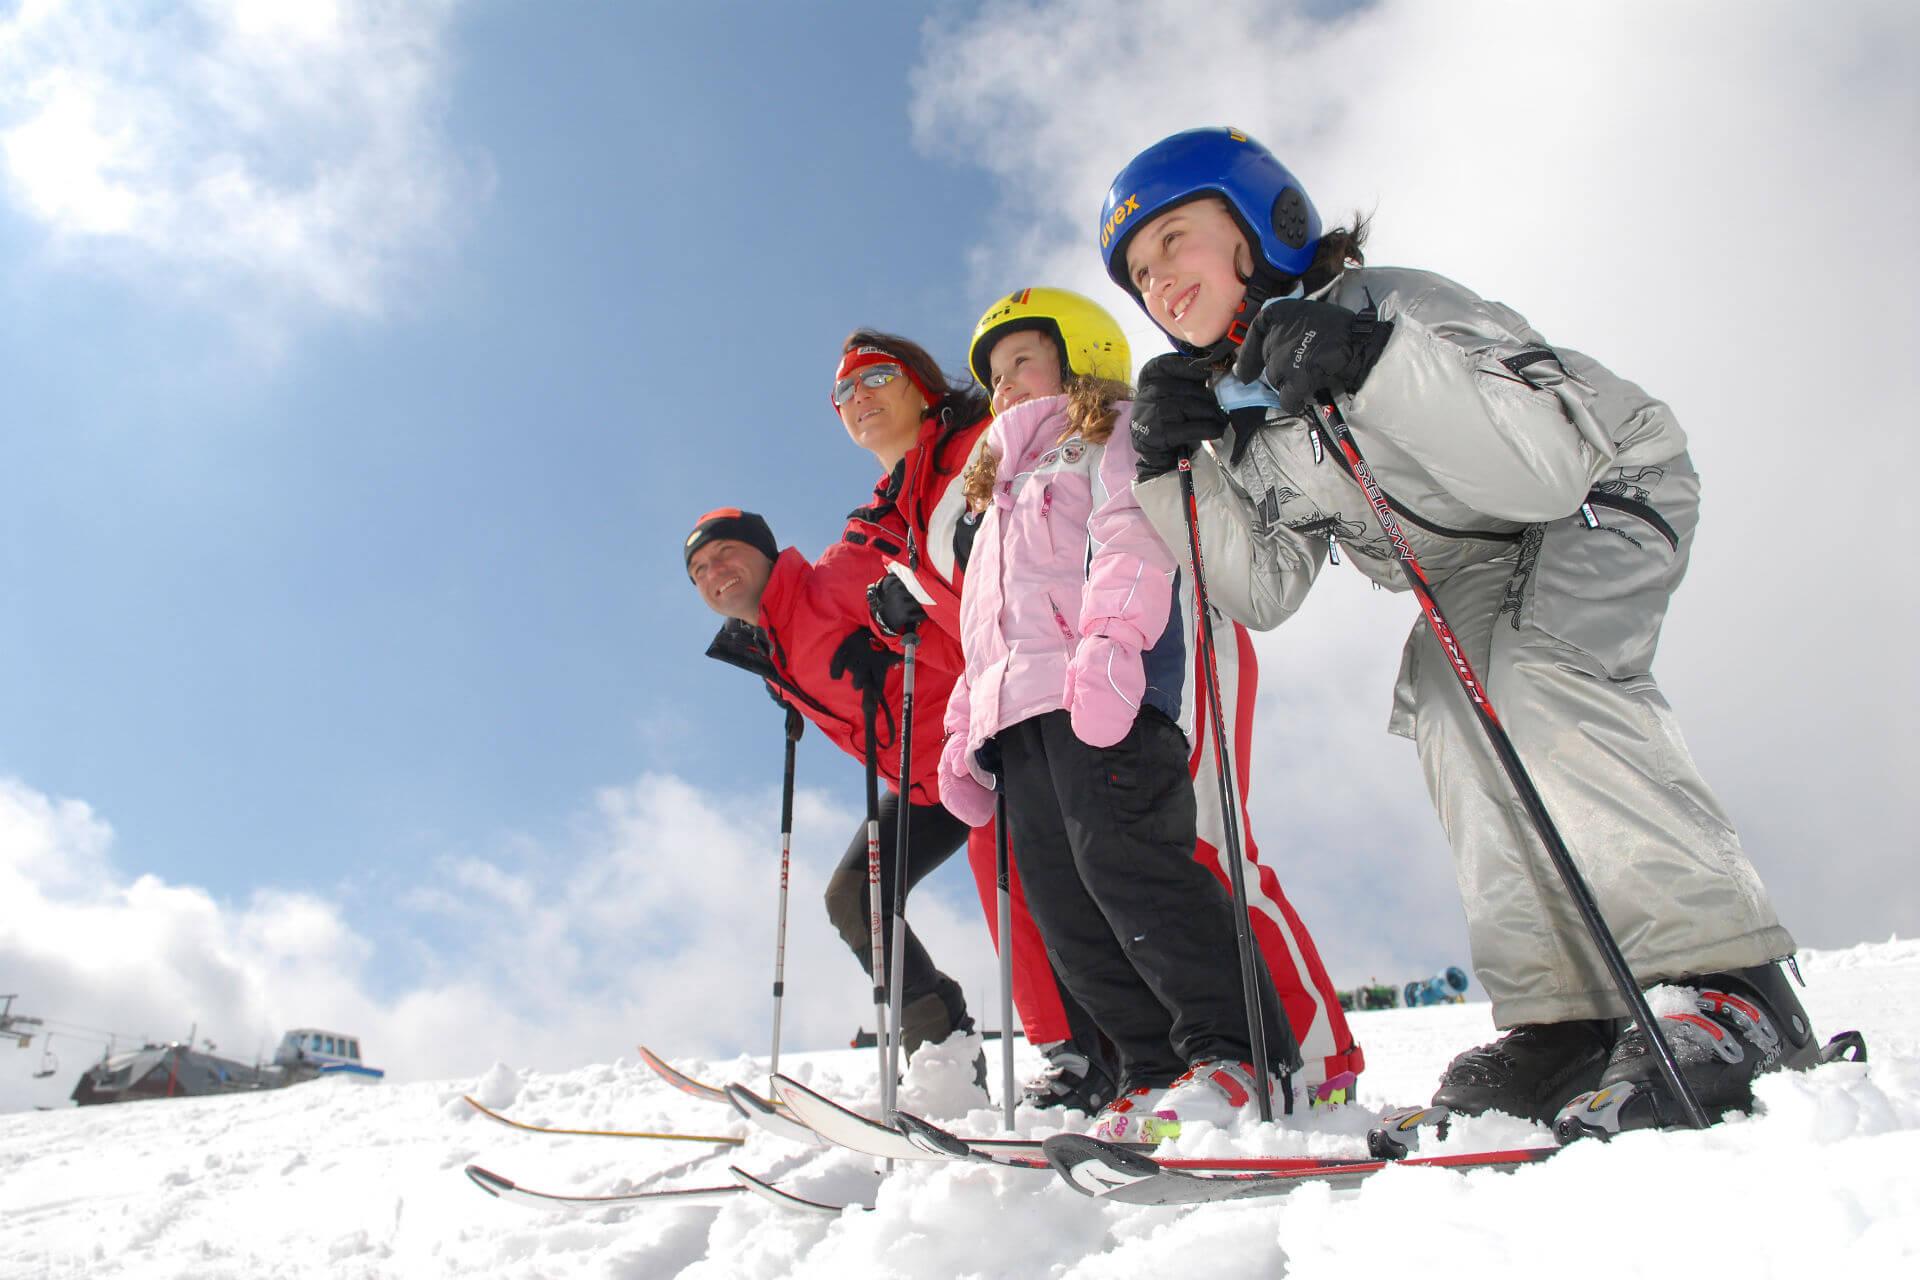 Familien Skifahren.jpg